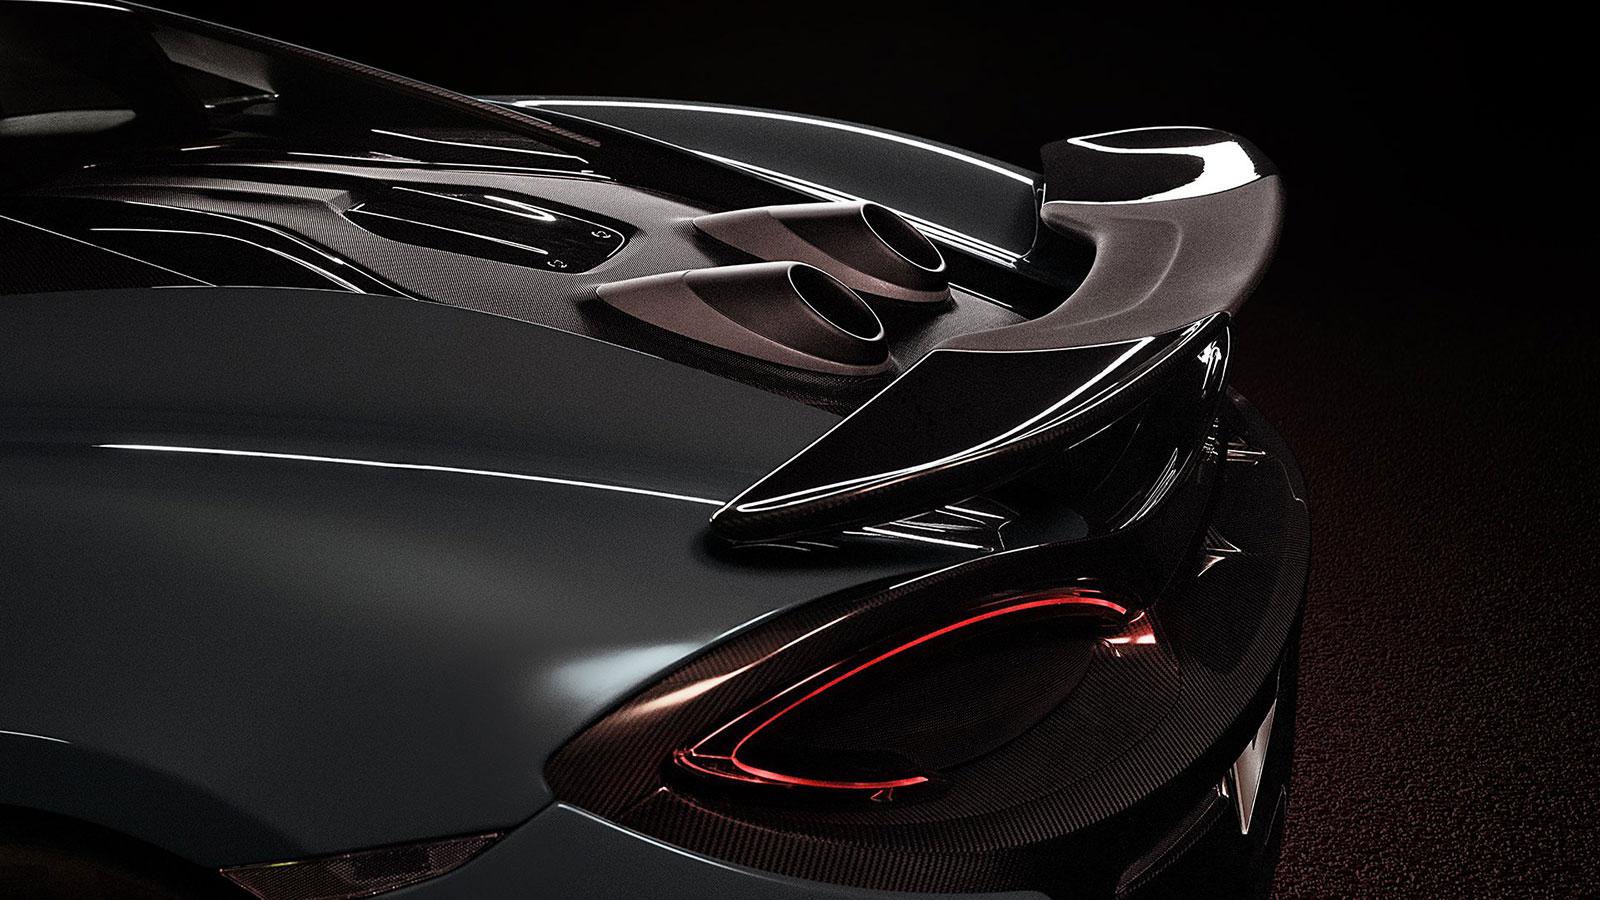 McLaren 600LT - The Edge Is Calling image 6